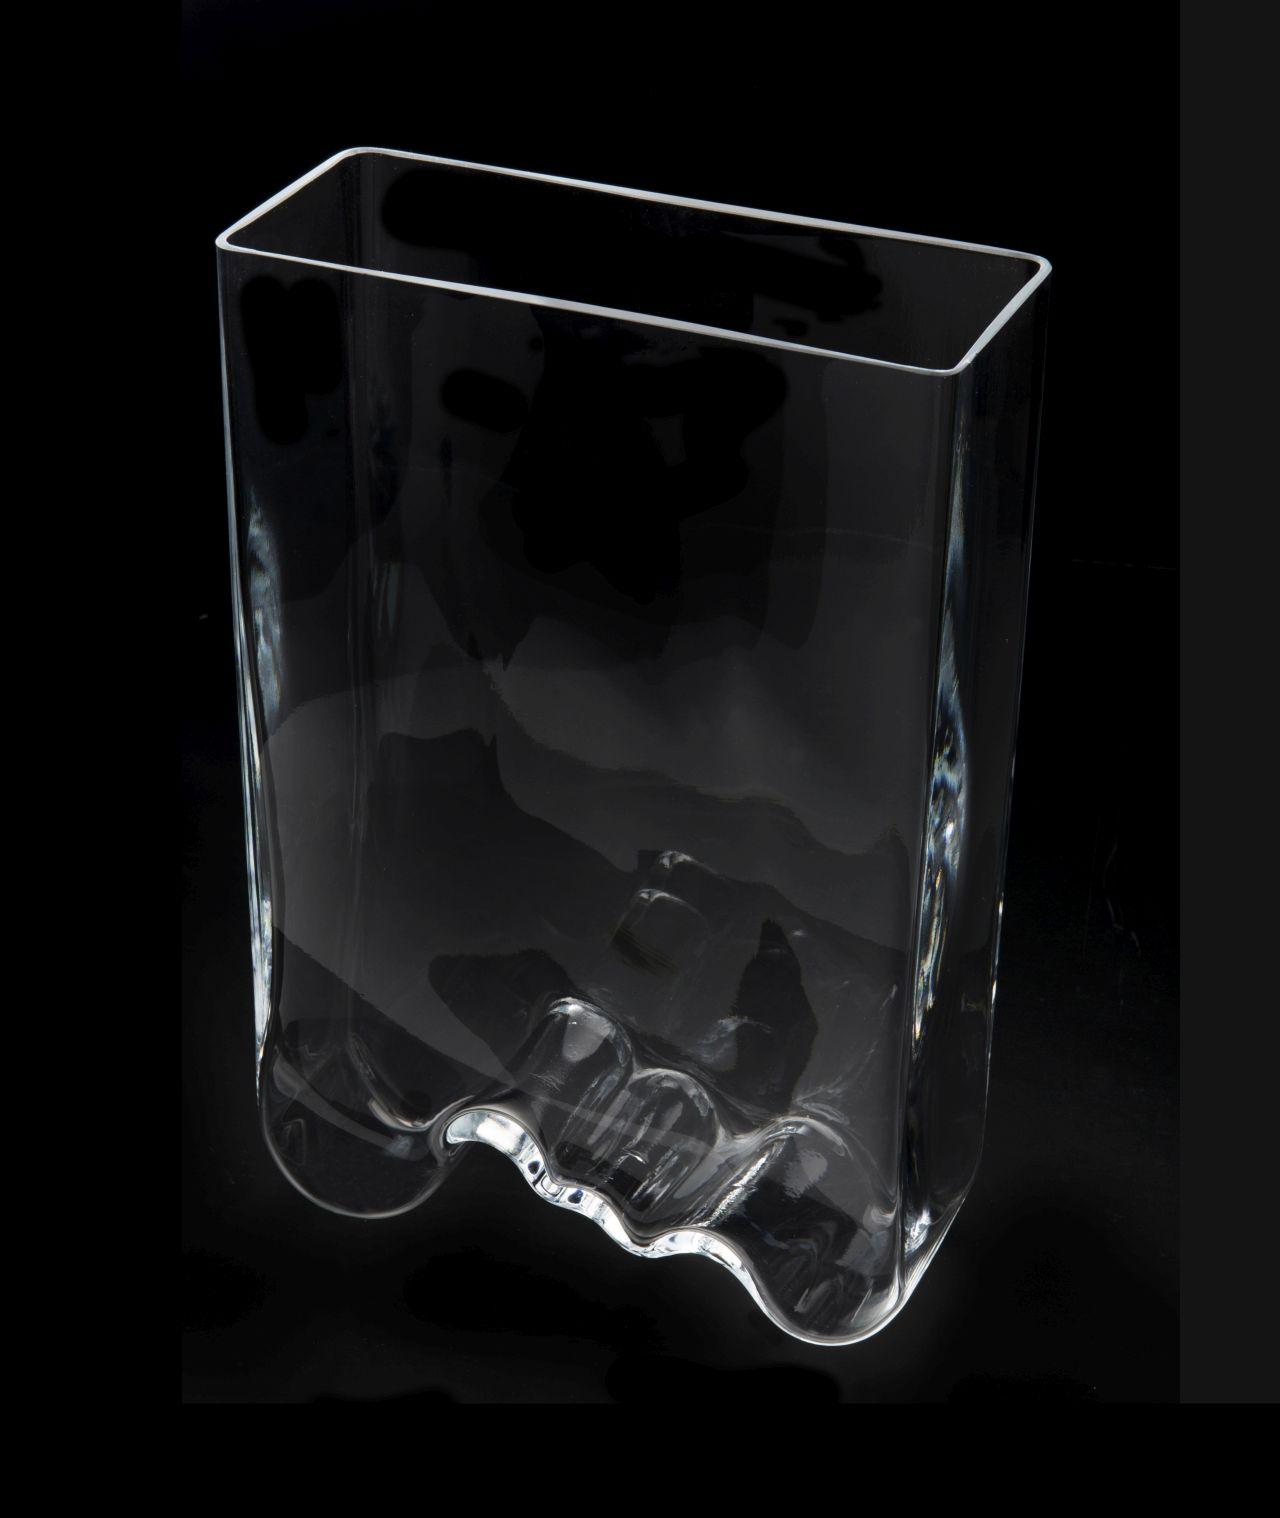 AQUAEL AquaDecoris Vague 20 x 8 x 30 cm 4L nano-aquarium pour crevettes, Betta et petits poissons